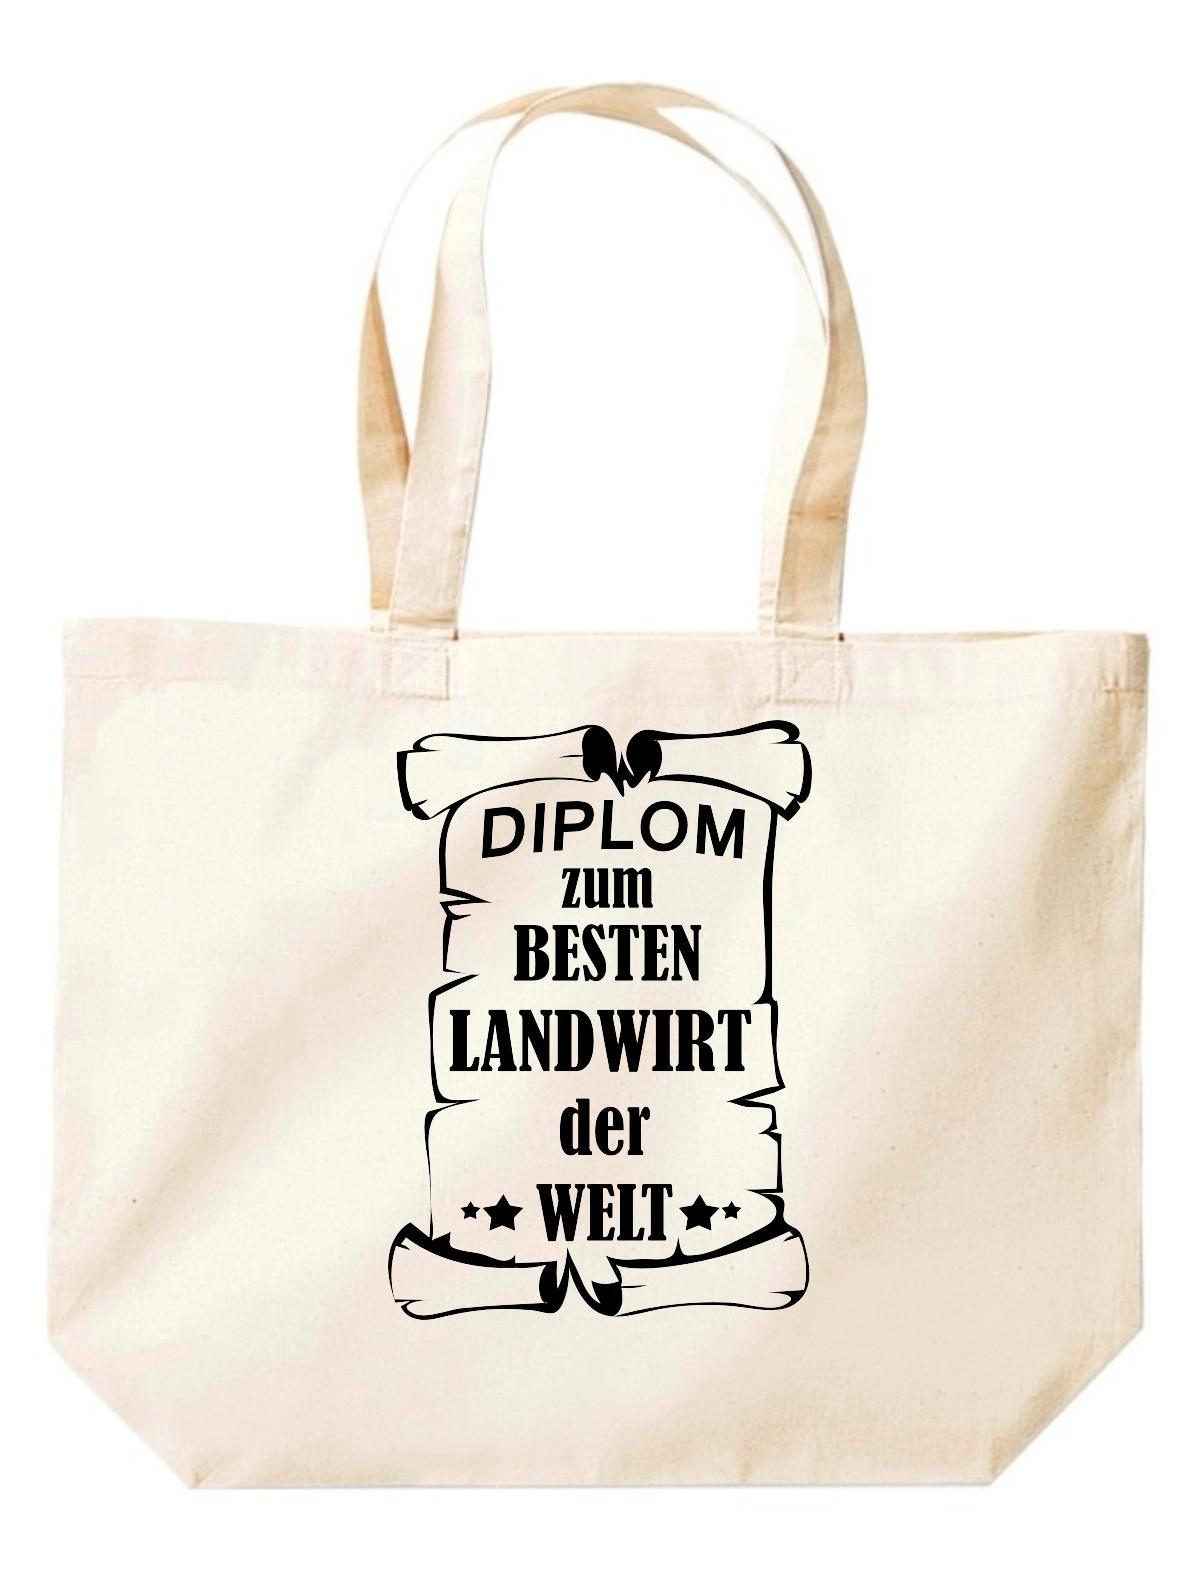 große Einkaufstasche, Diplom zum besten Landwirt der Welt,